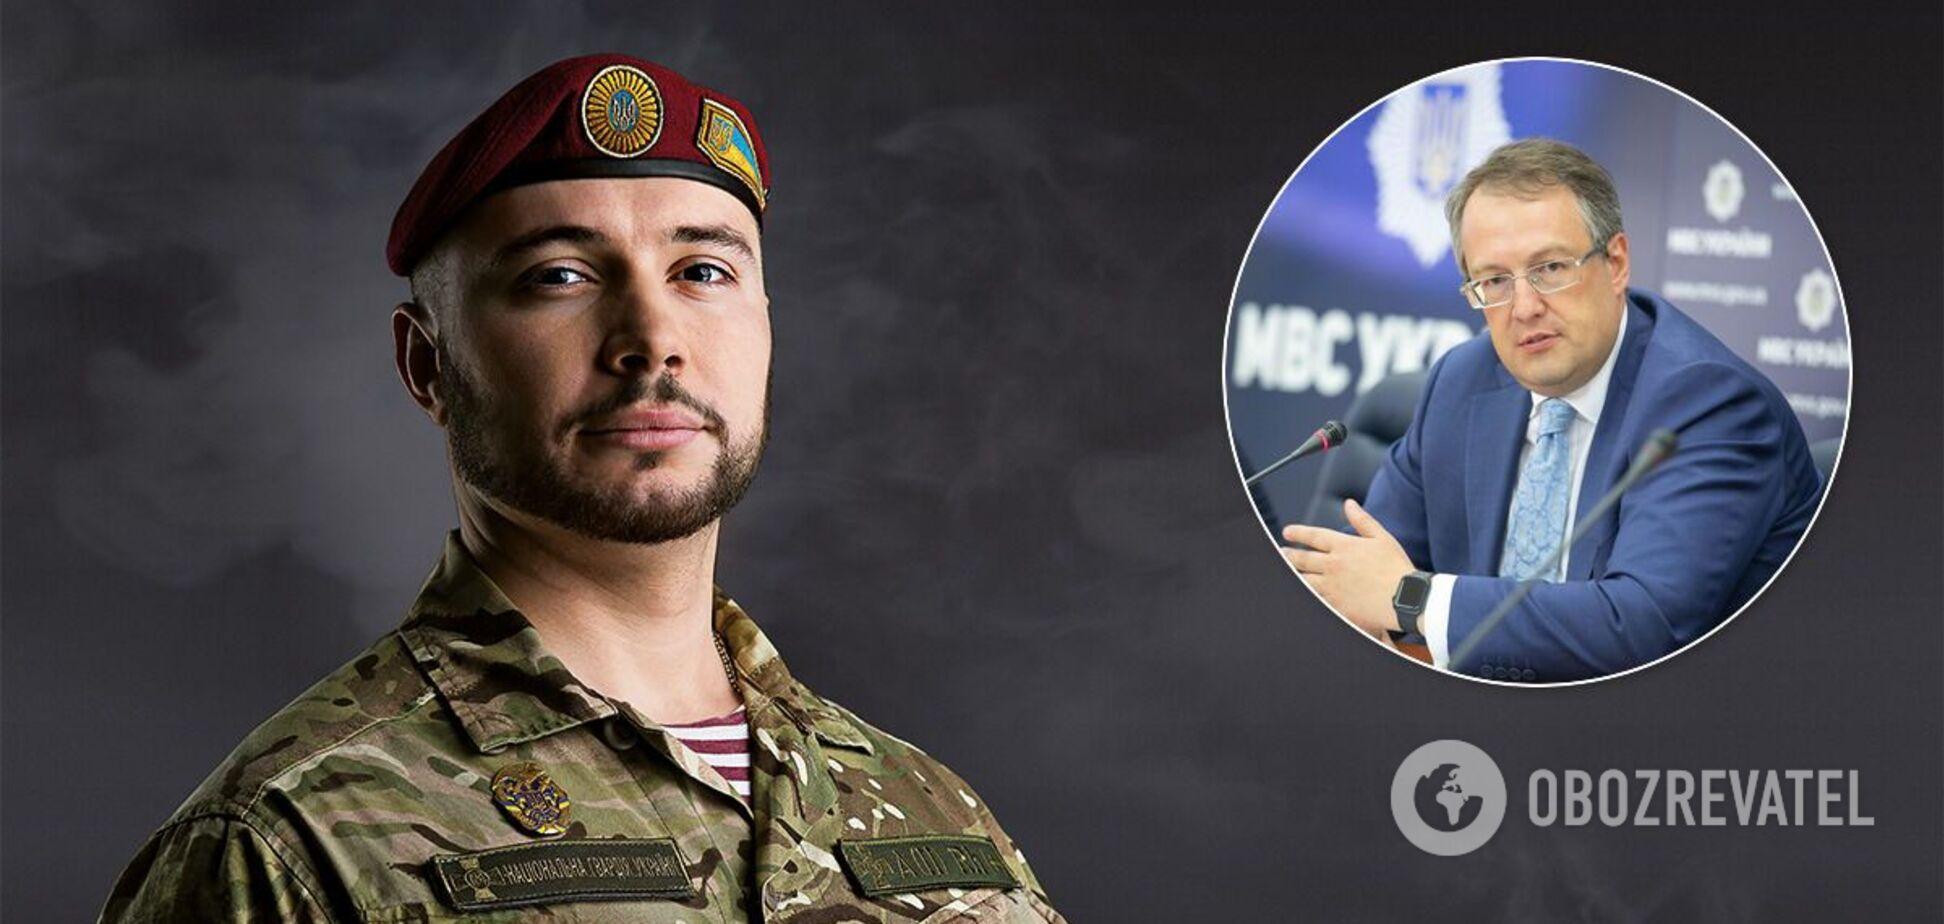 Украина провела экспертизы, доказывающие невиновность Маркива